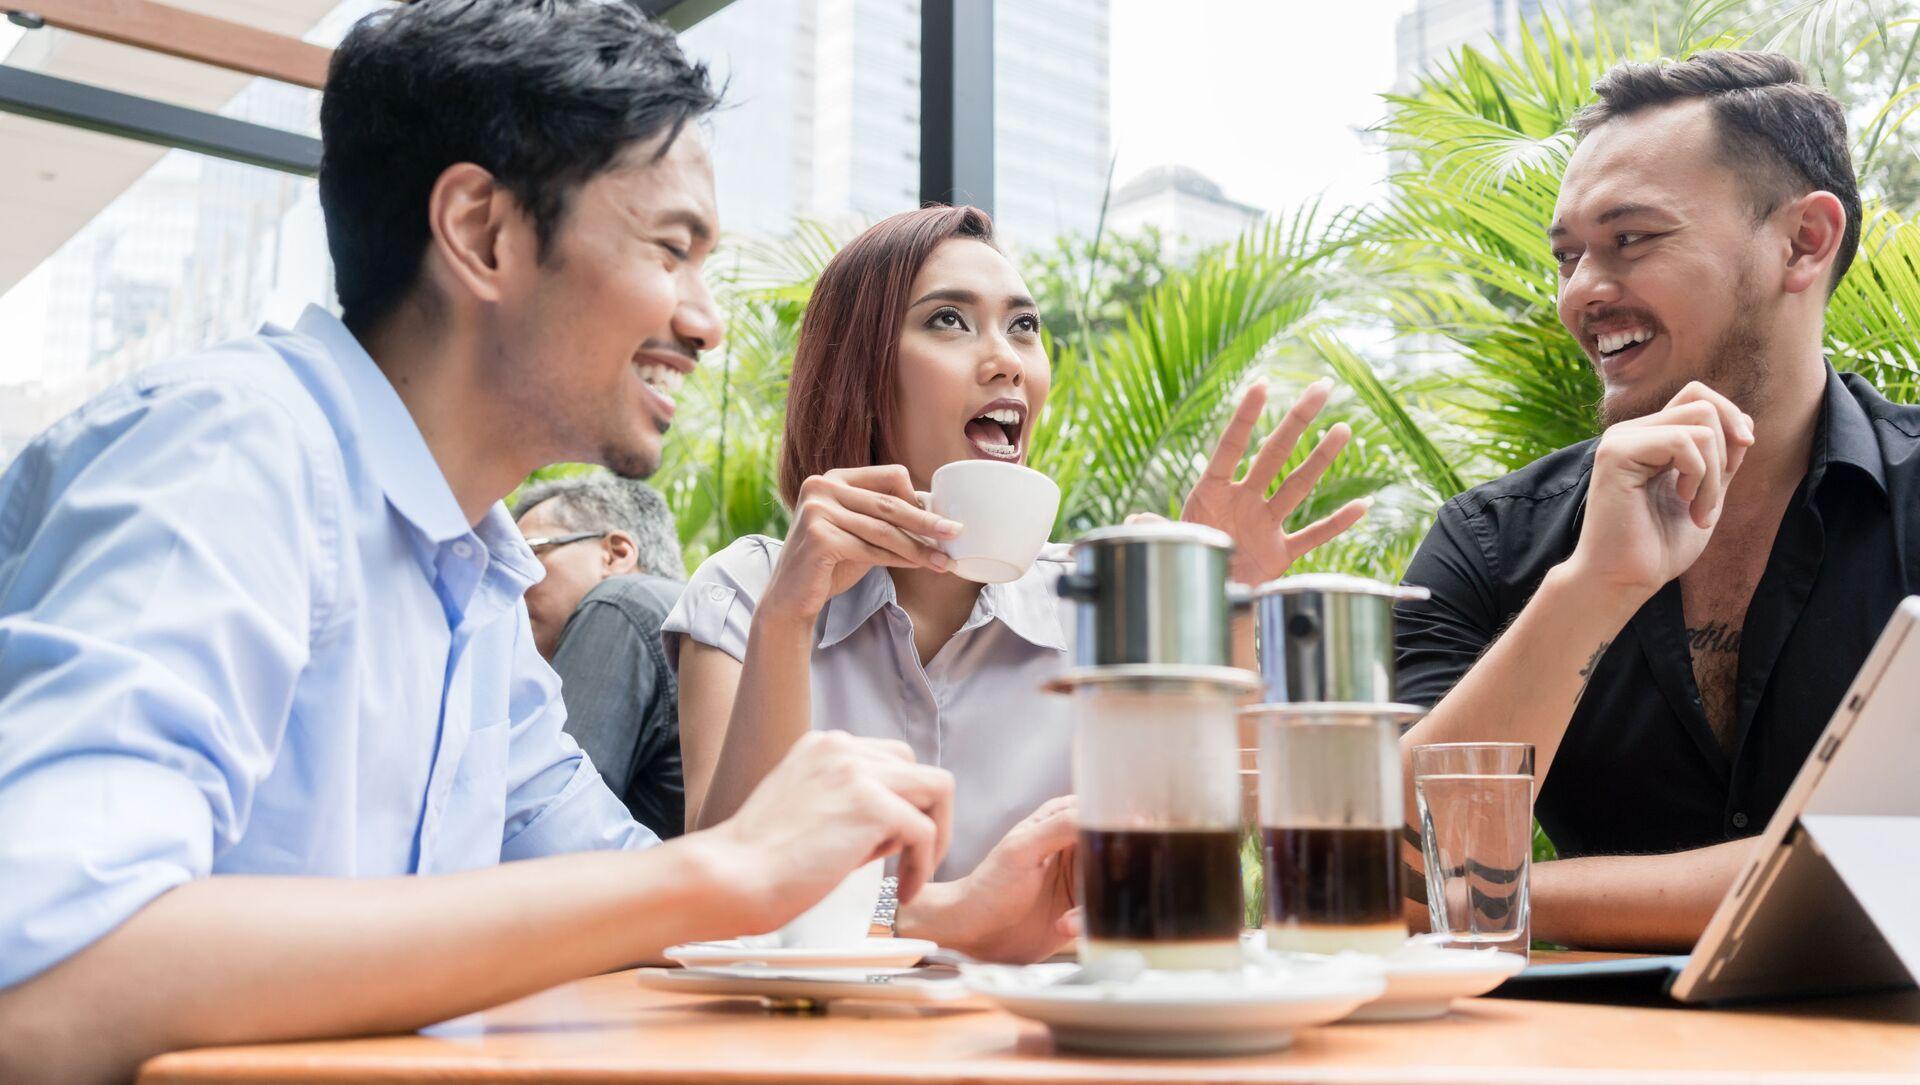 Quán cà phê ngoài trời ở Việt Nam - Sputnik Việt Nam, 1920, 01.05.2021